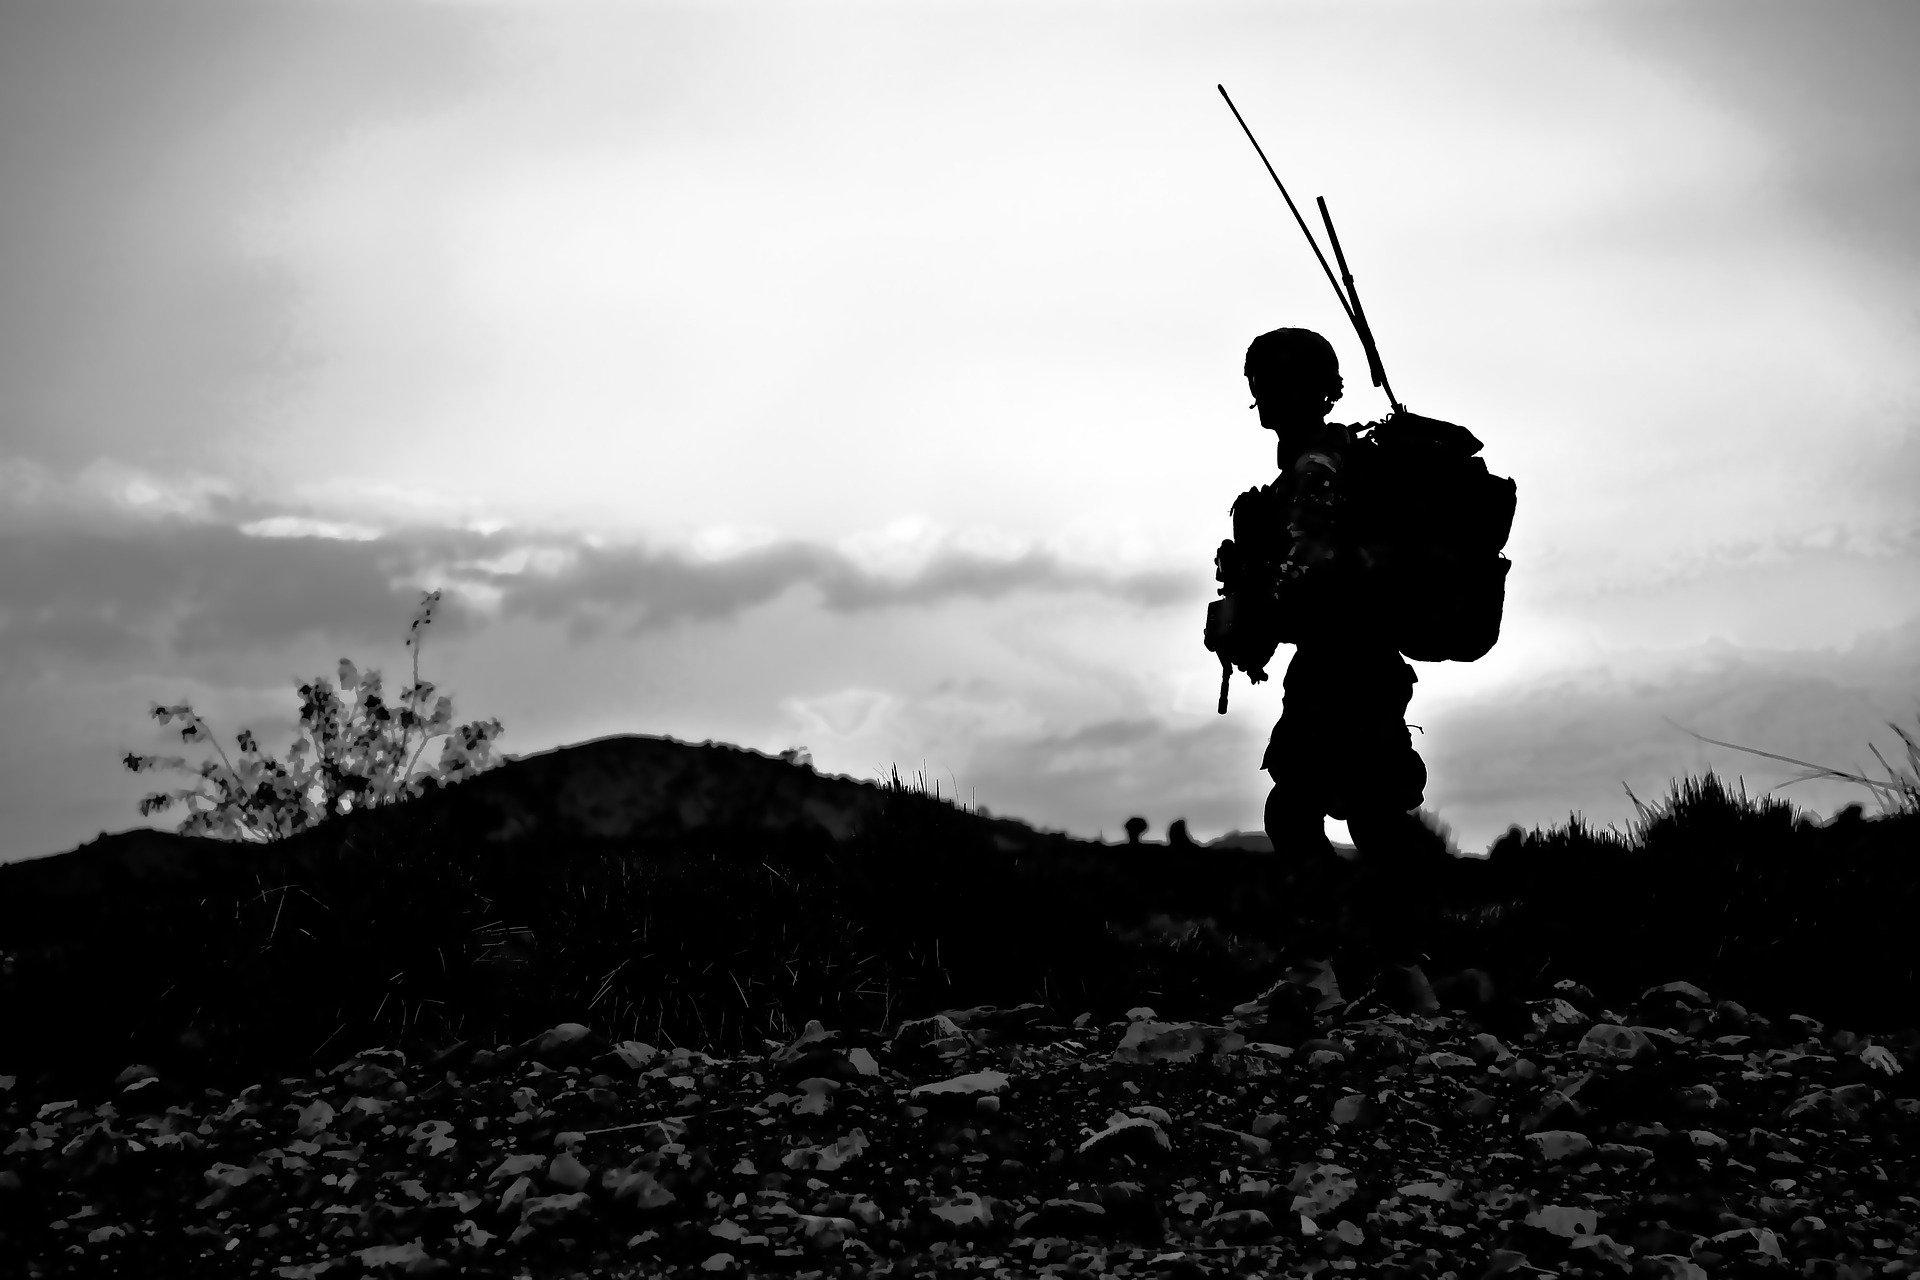 Подсчитаны мировые расходы на оборону. Они повышаются уже семь лет подряд